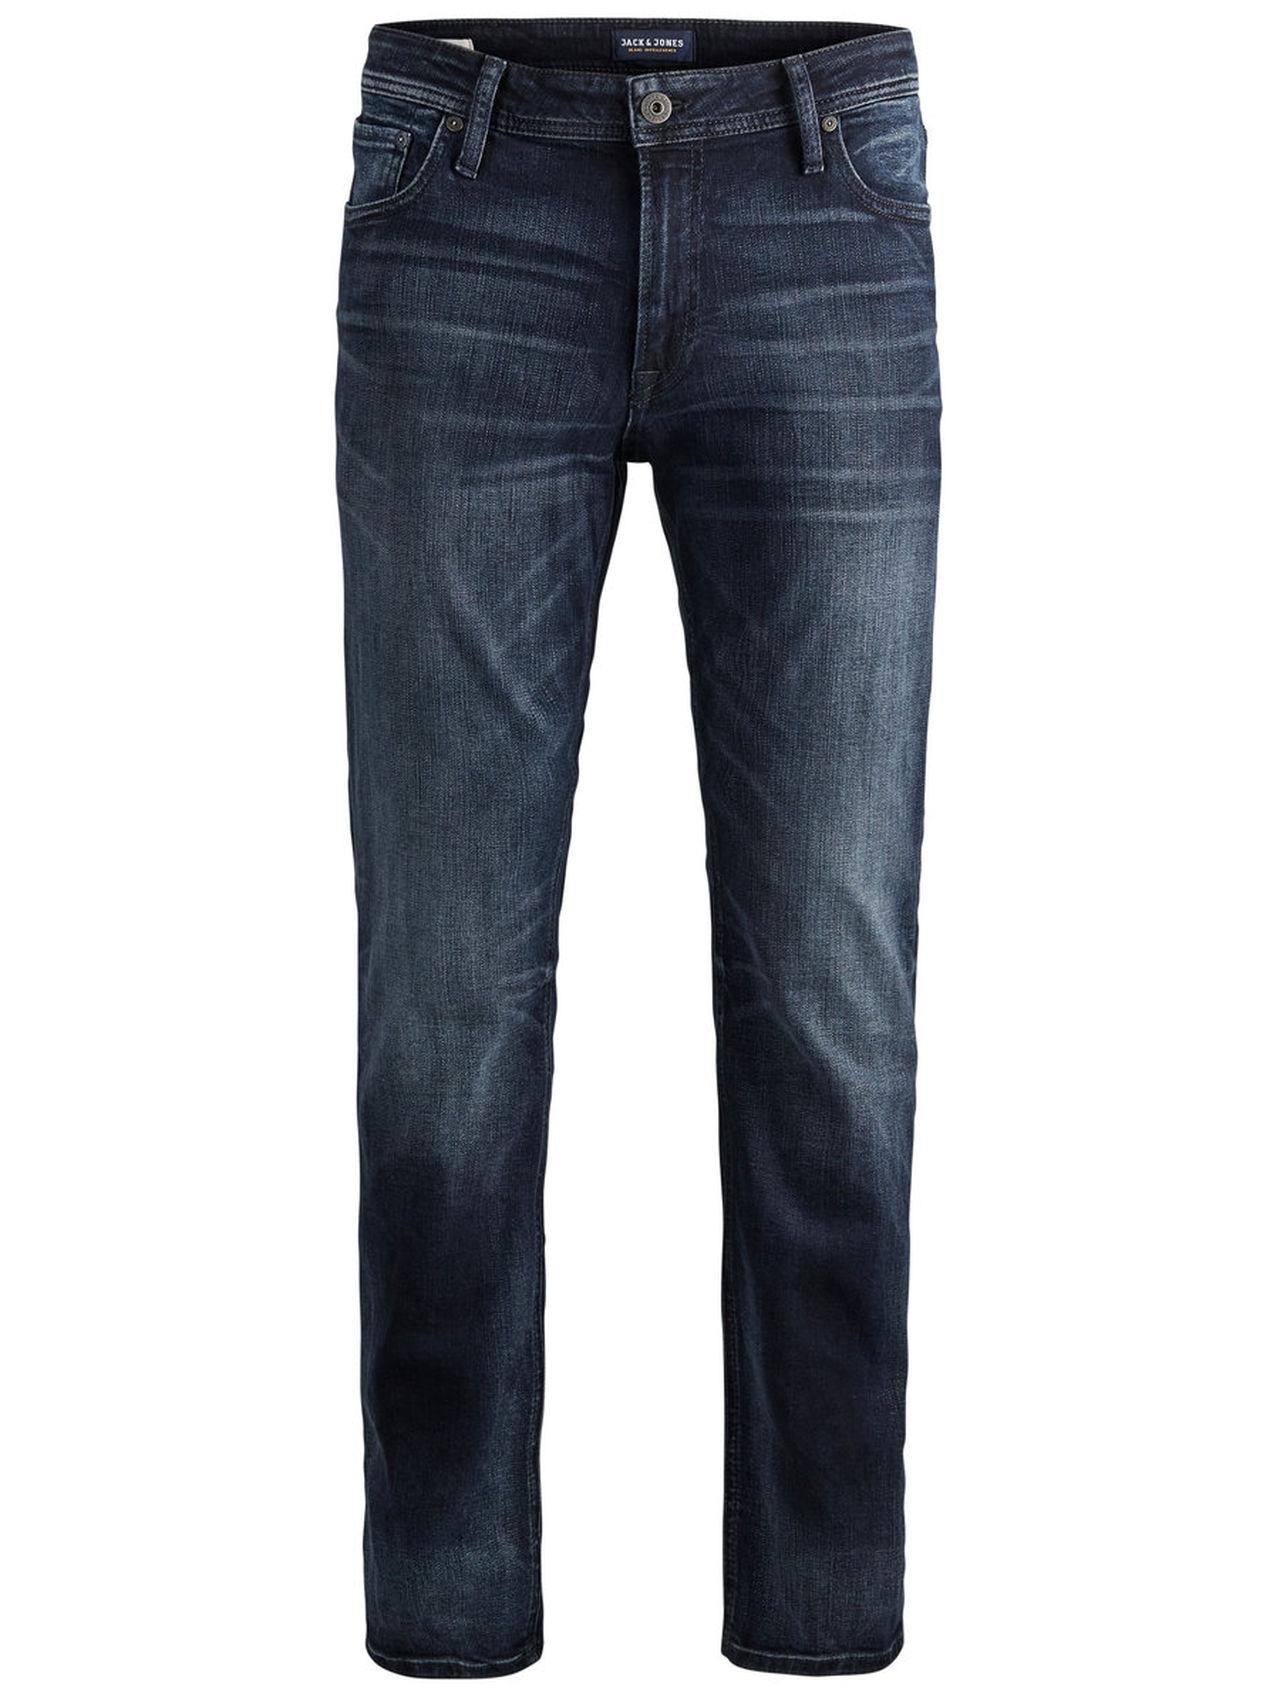 JACK & JONES Clark Original Zip Jos 319 Regular Fit Jeans Man Blå